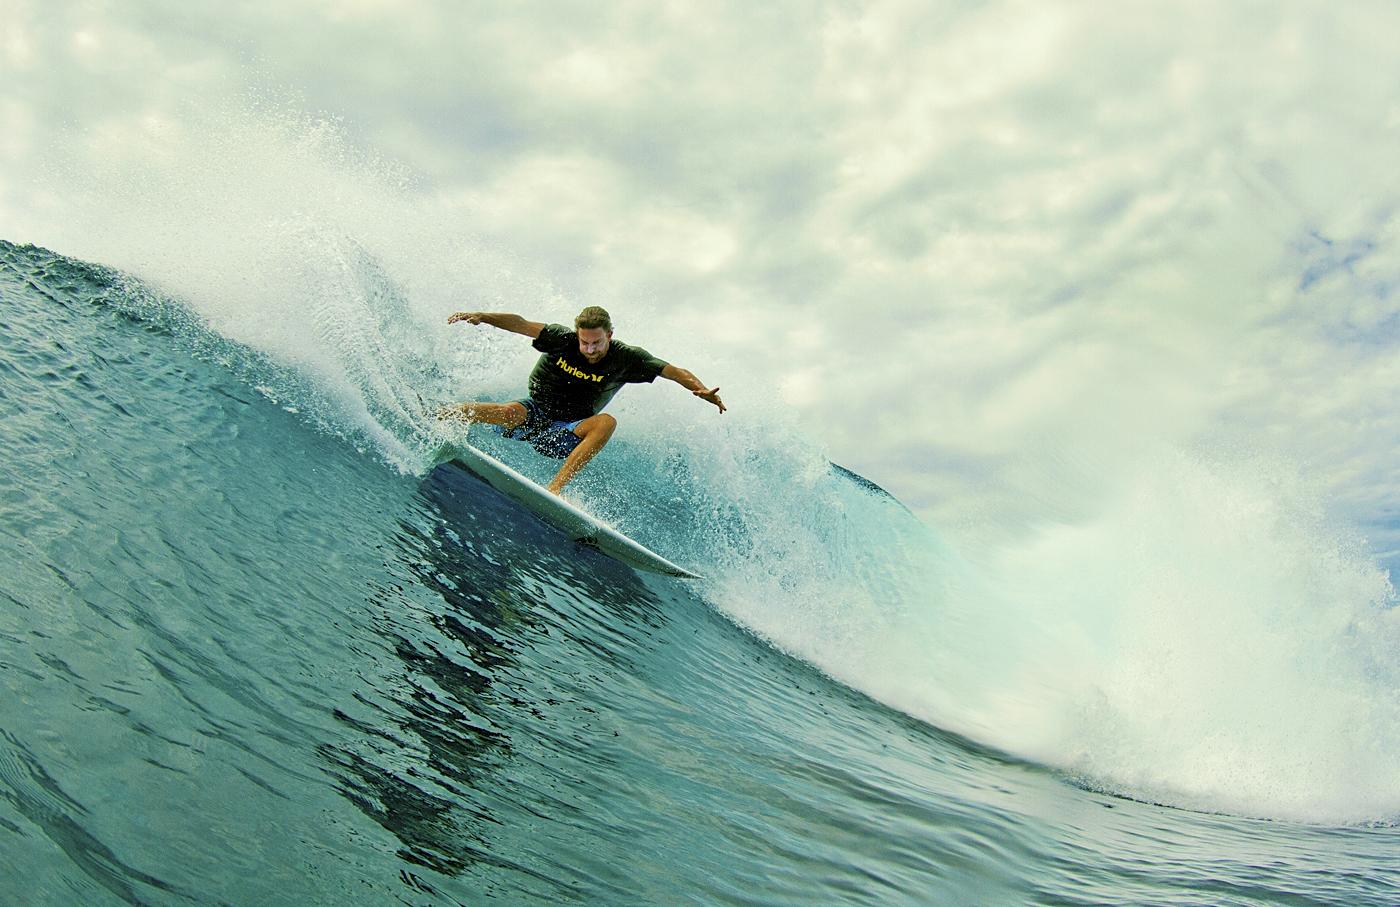 Jon Rose surfing